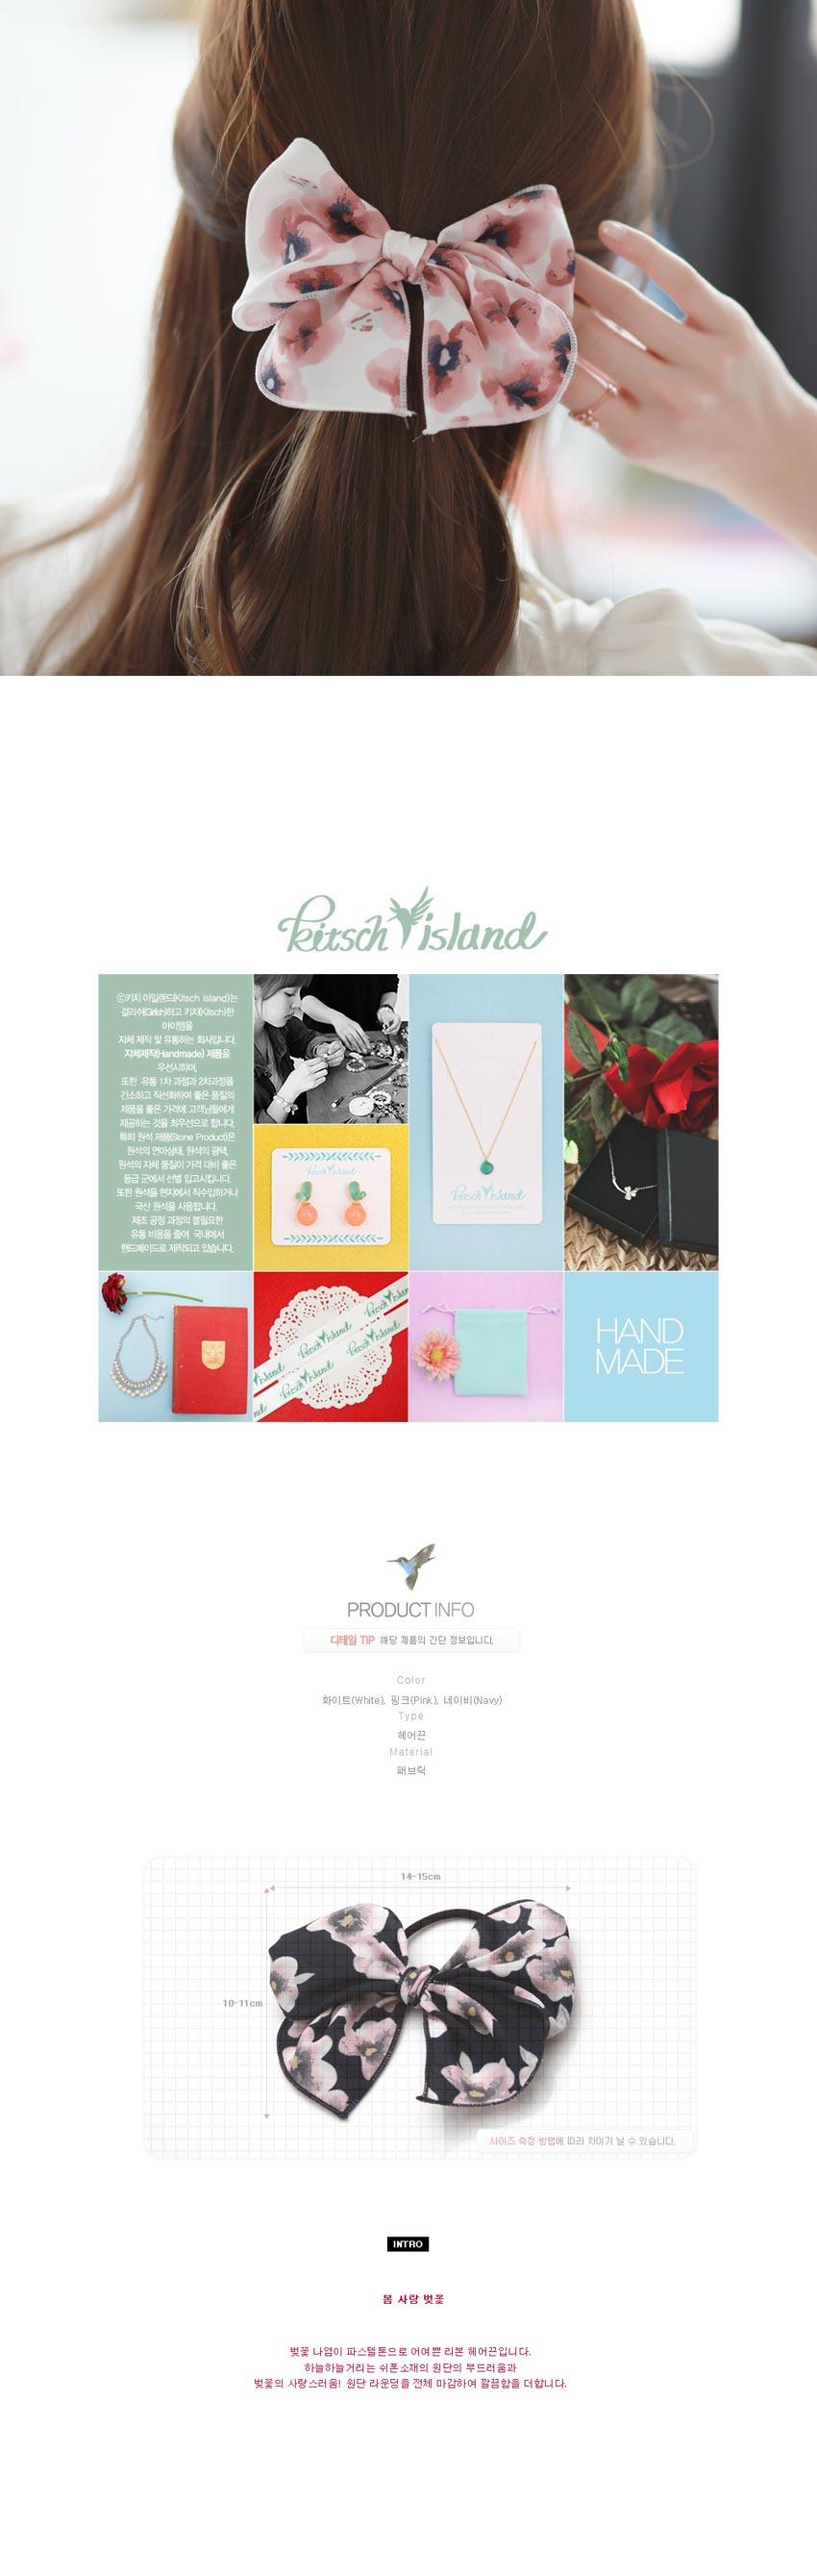 봄사랑벚꽃 - 키치아일랜드, 5,000원, 헤어핀/밴드/끈, 헤어핀/끈